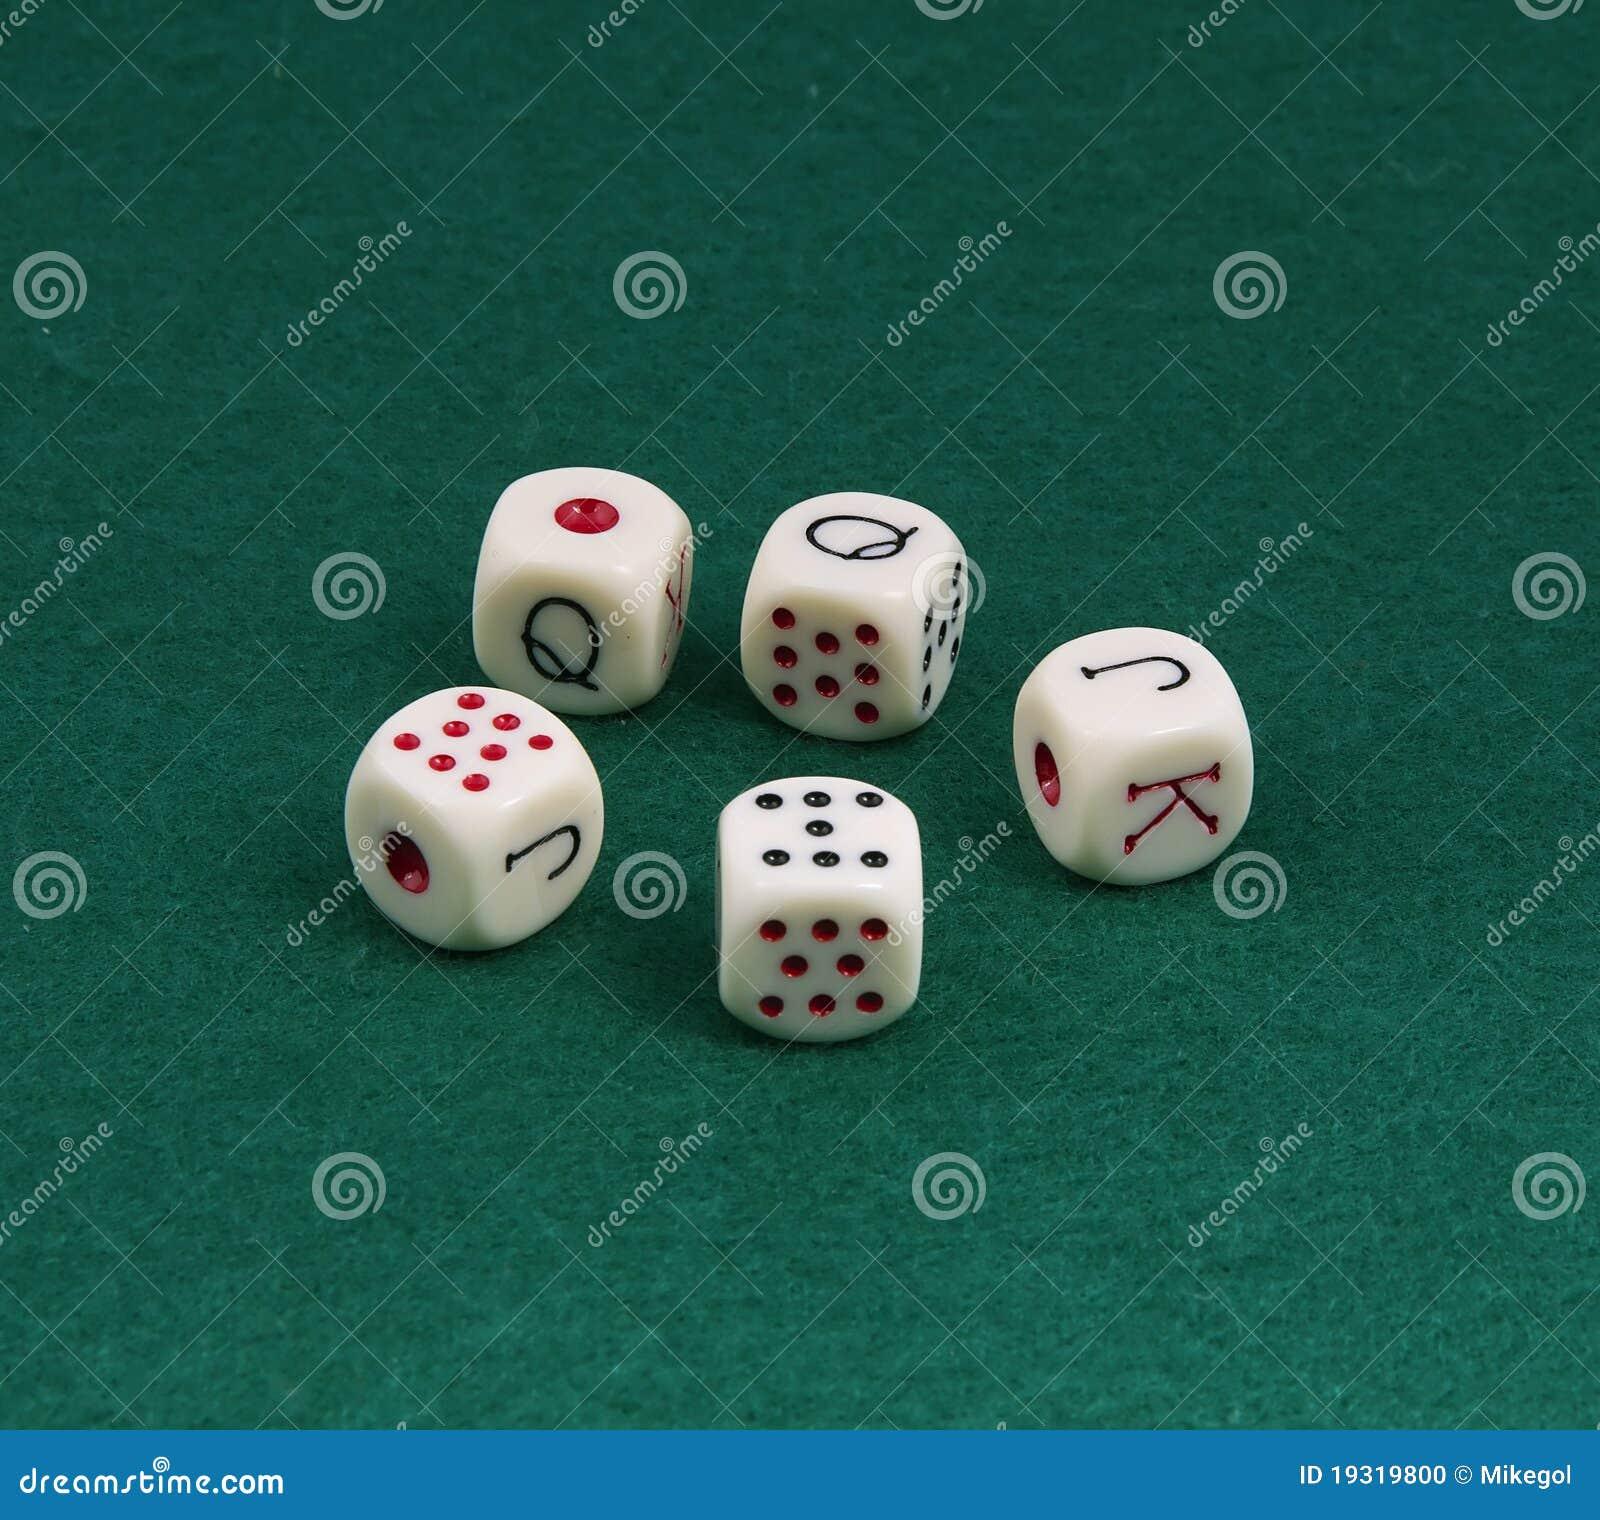 dice games 5 dice